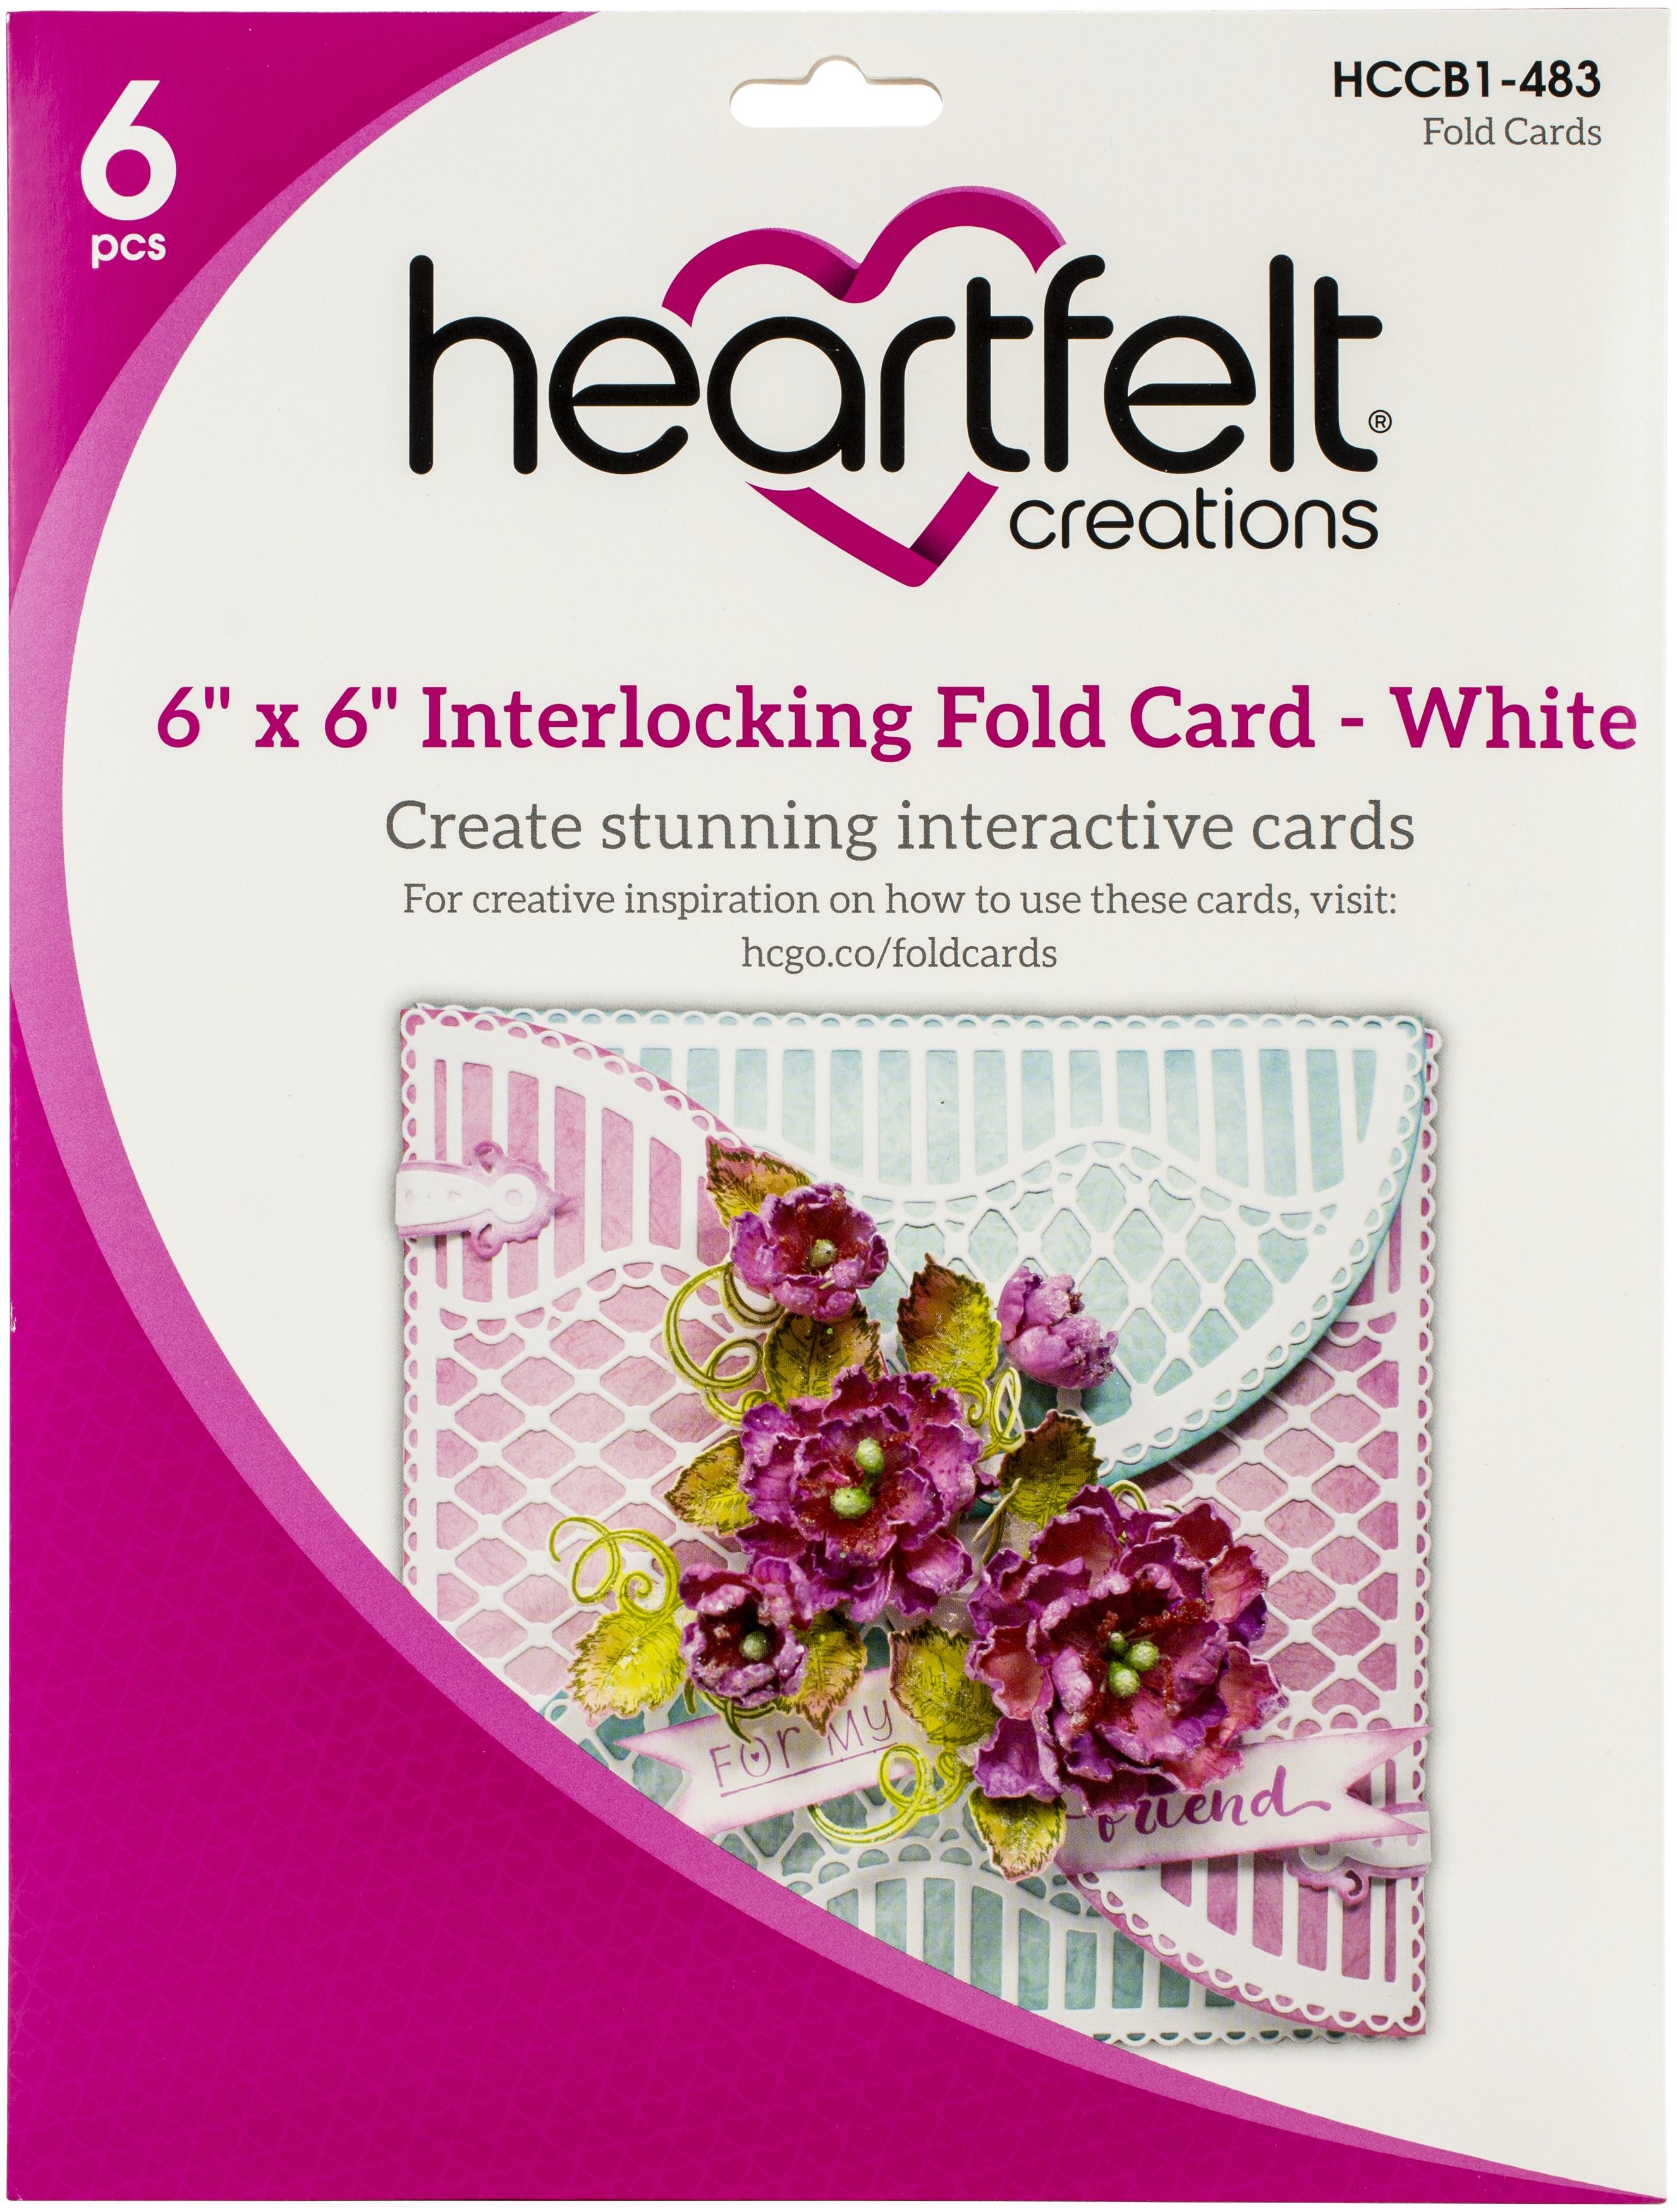 6 x 6 Interlock Fold Card - Wh